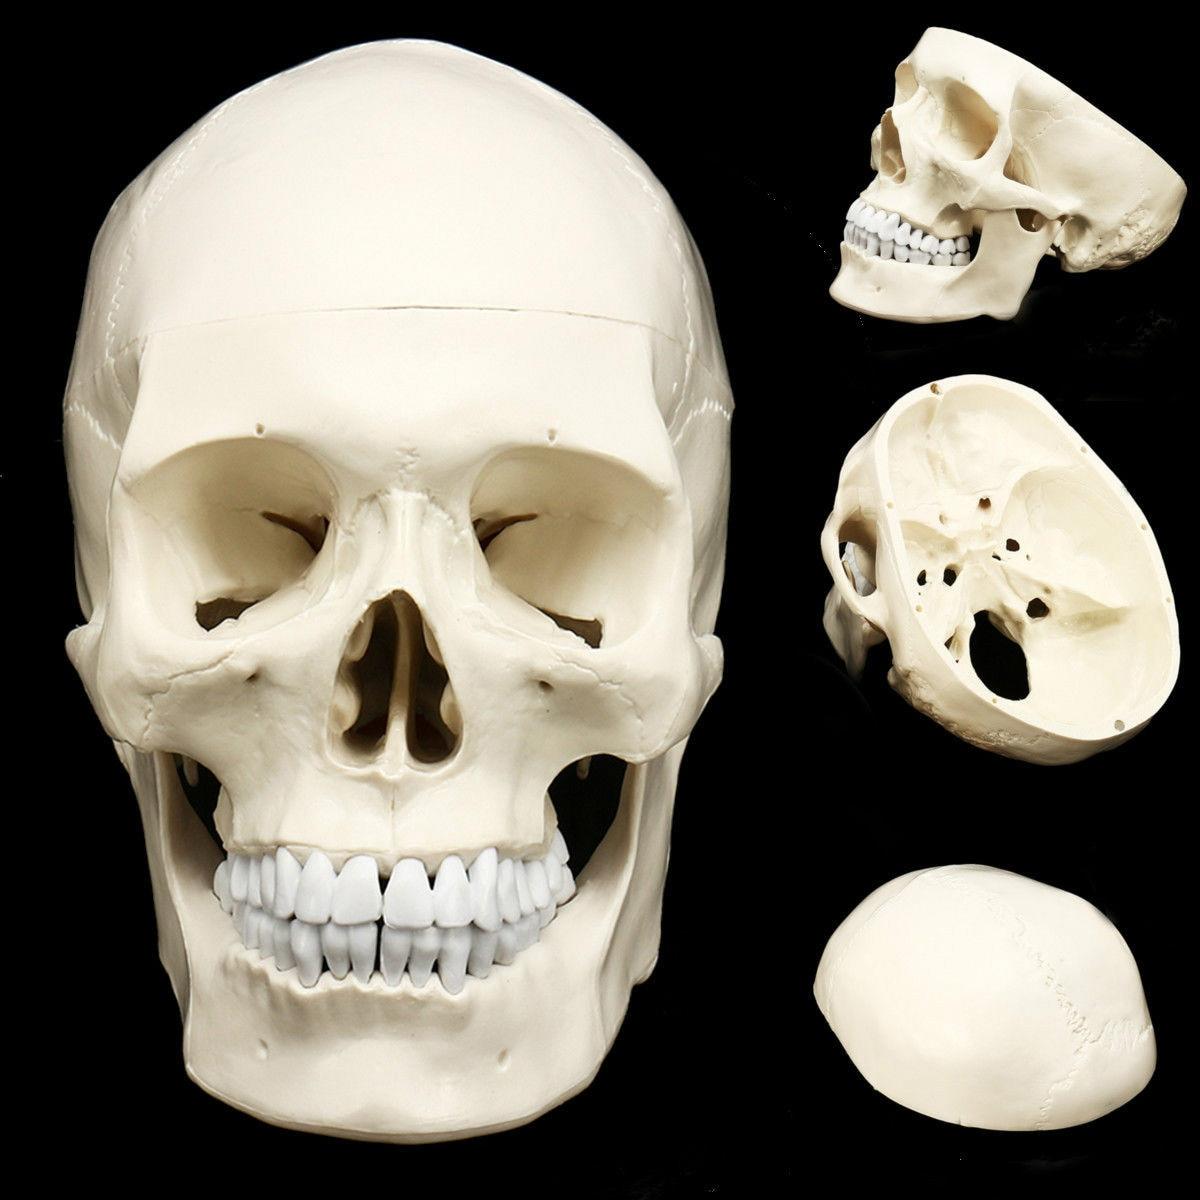 La vie à Taille Humaine Anatomie Anatomique Résine Tête Squelette Crâne Modèle D'enseignement Fournitures Scolaires